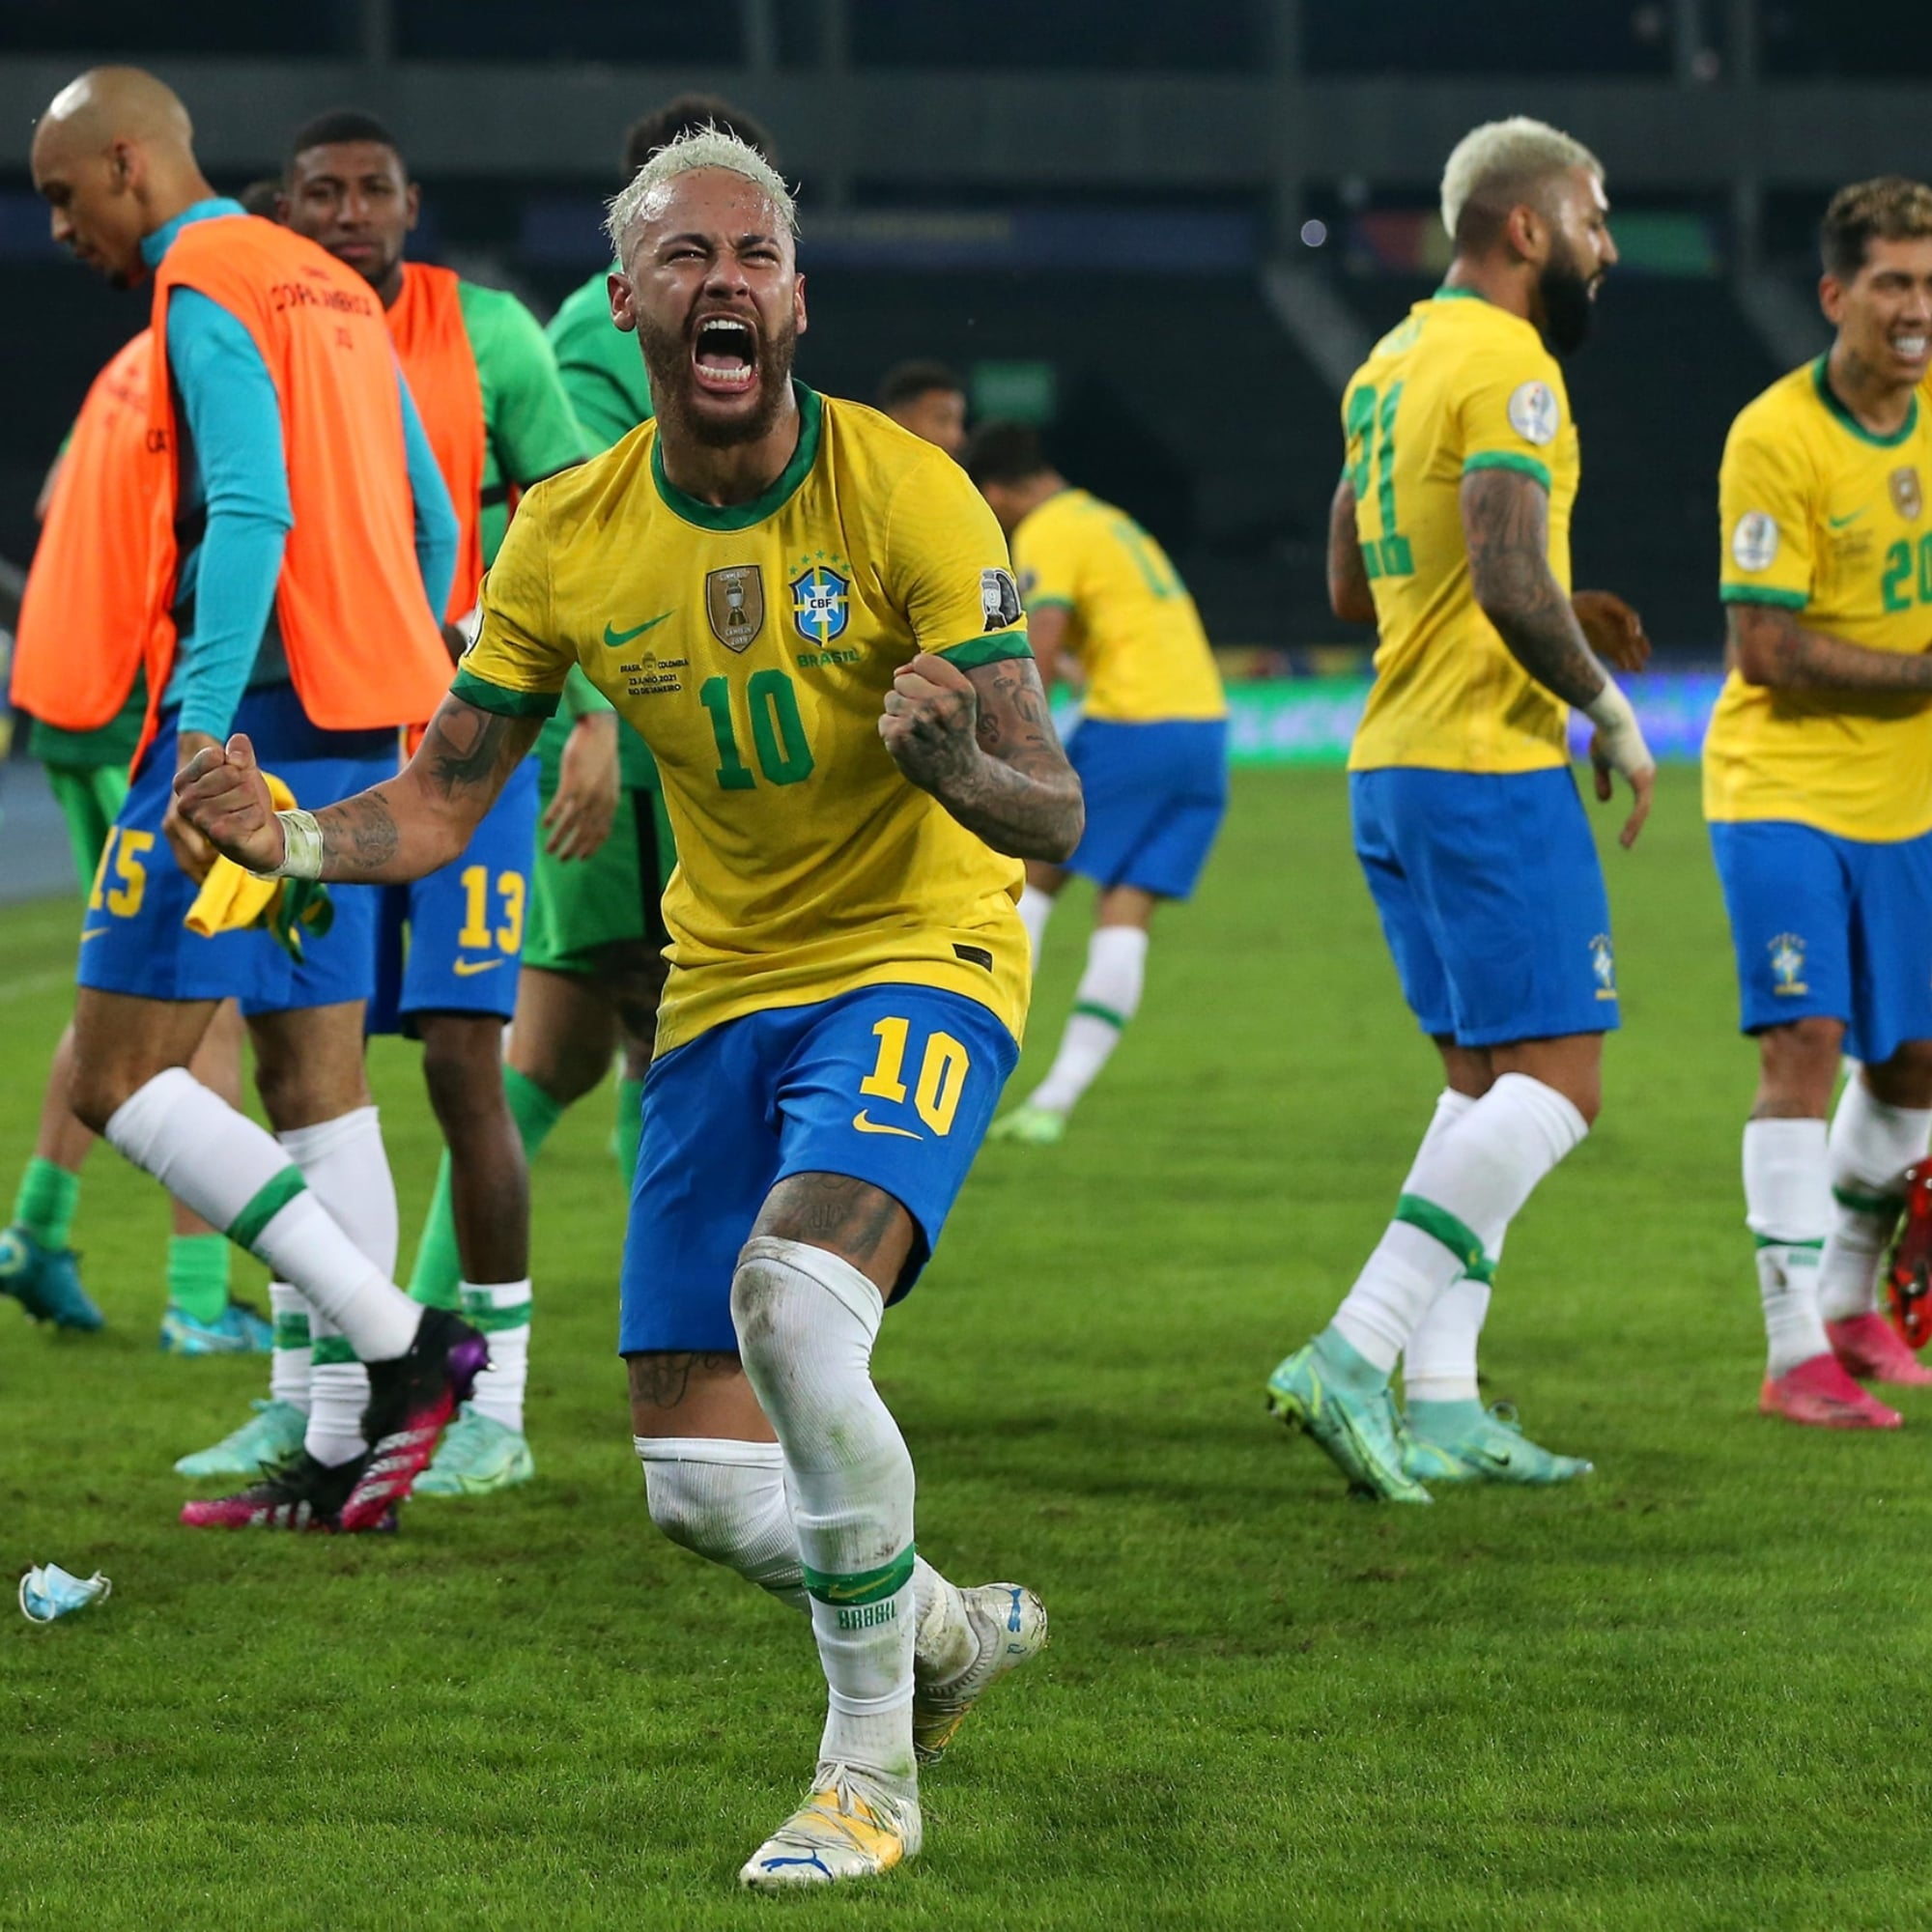 Brasil le remontó a Colombia en el último minuto y quedó como líder absoluto en el Grupo B de la Copa América.